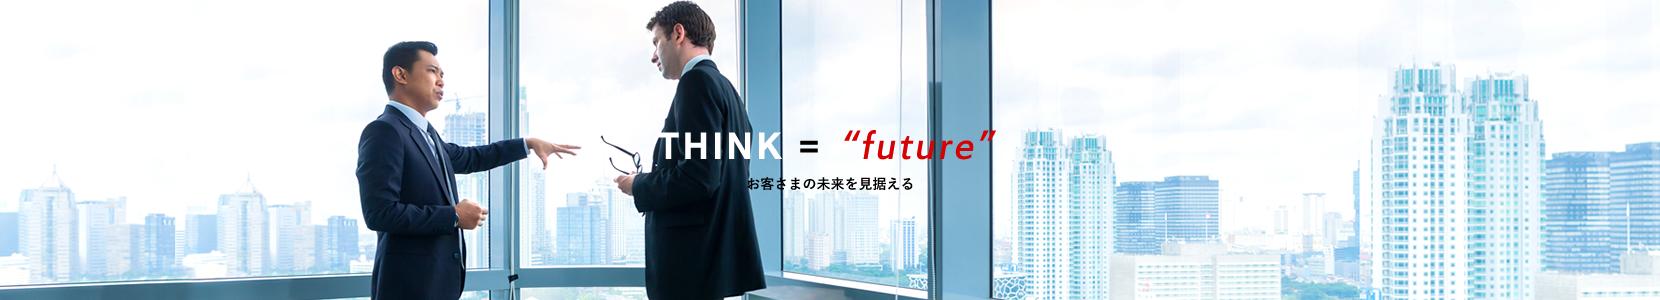 THINK = future お客様の未来を見据える|税理士法人 A.パートナーズ